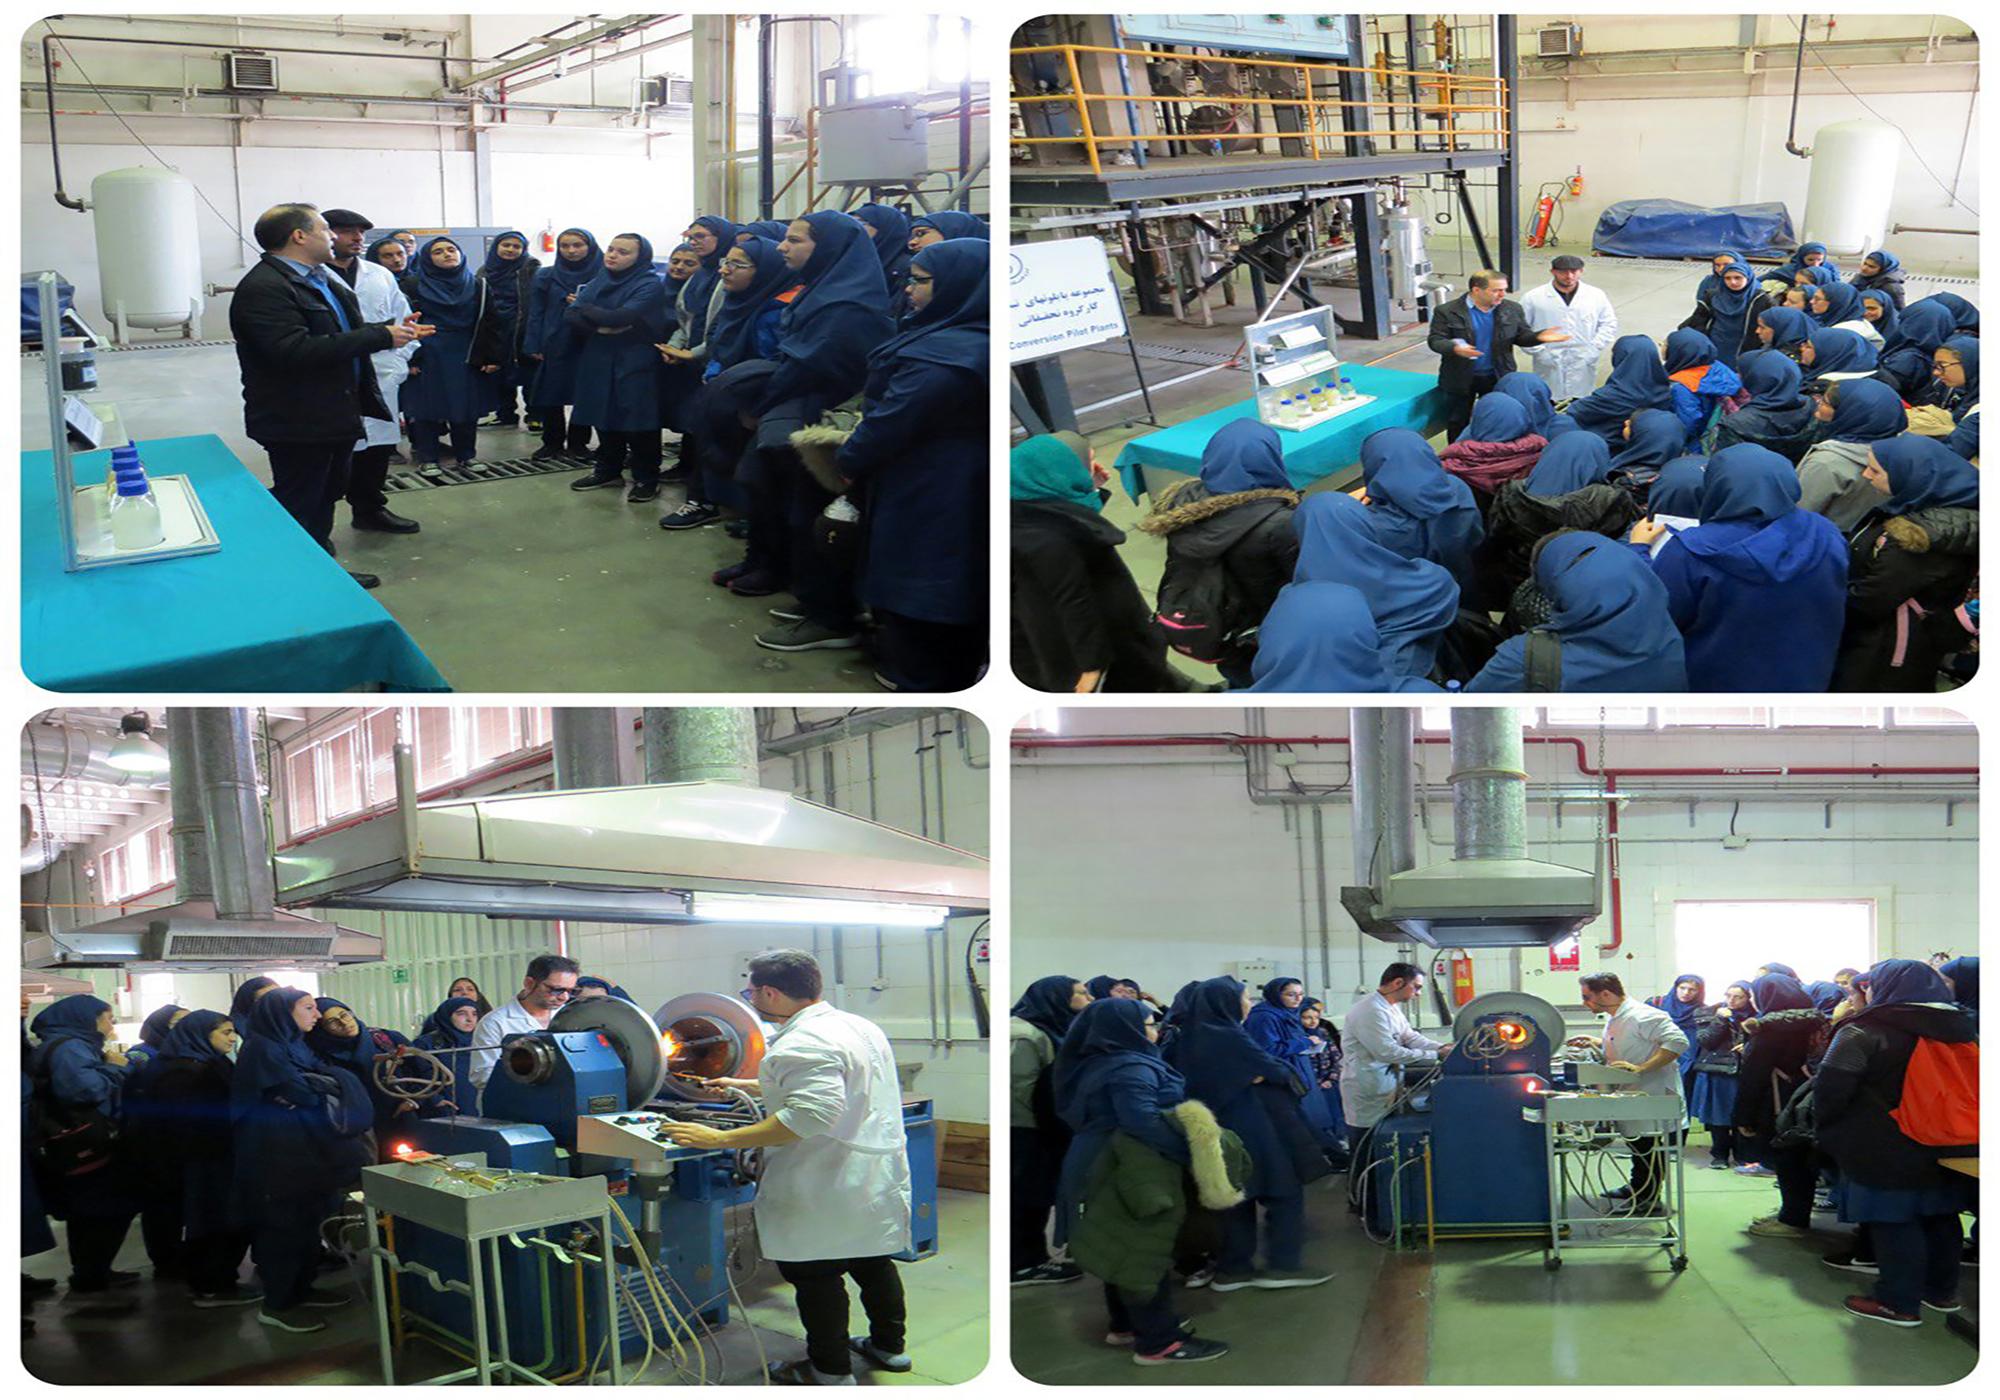 بازدید علمی پژوهشگاه صنعت نفت (4)